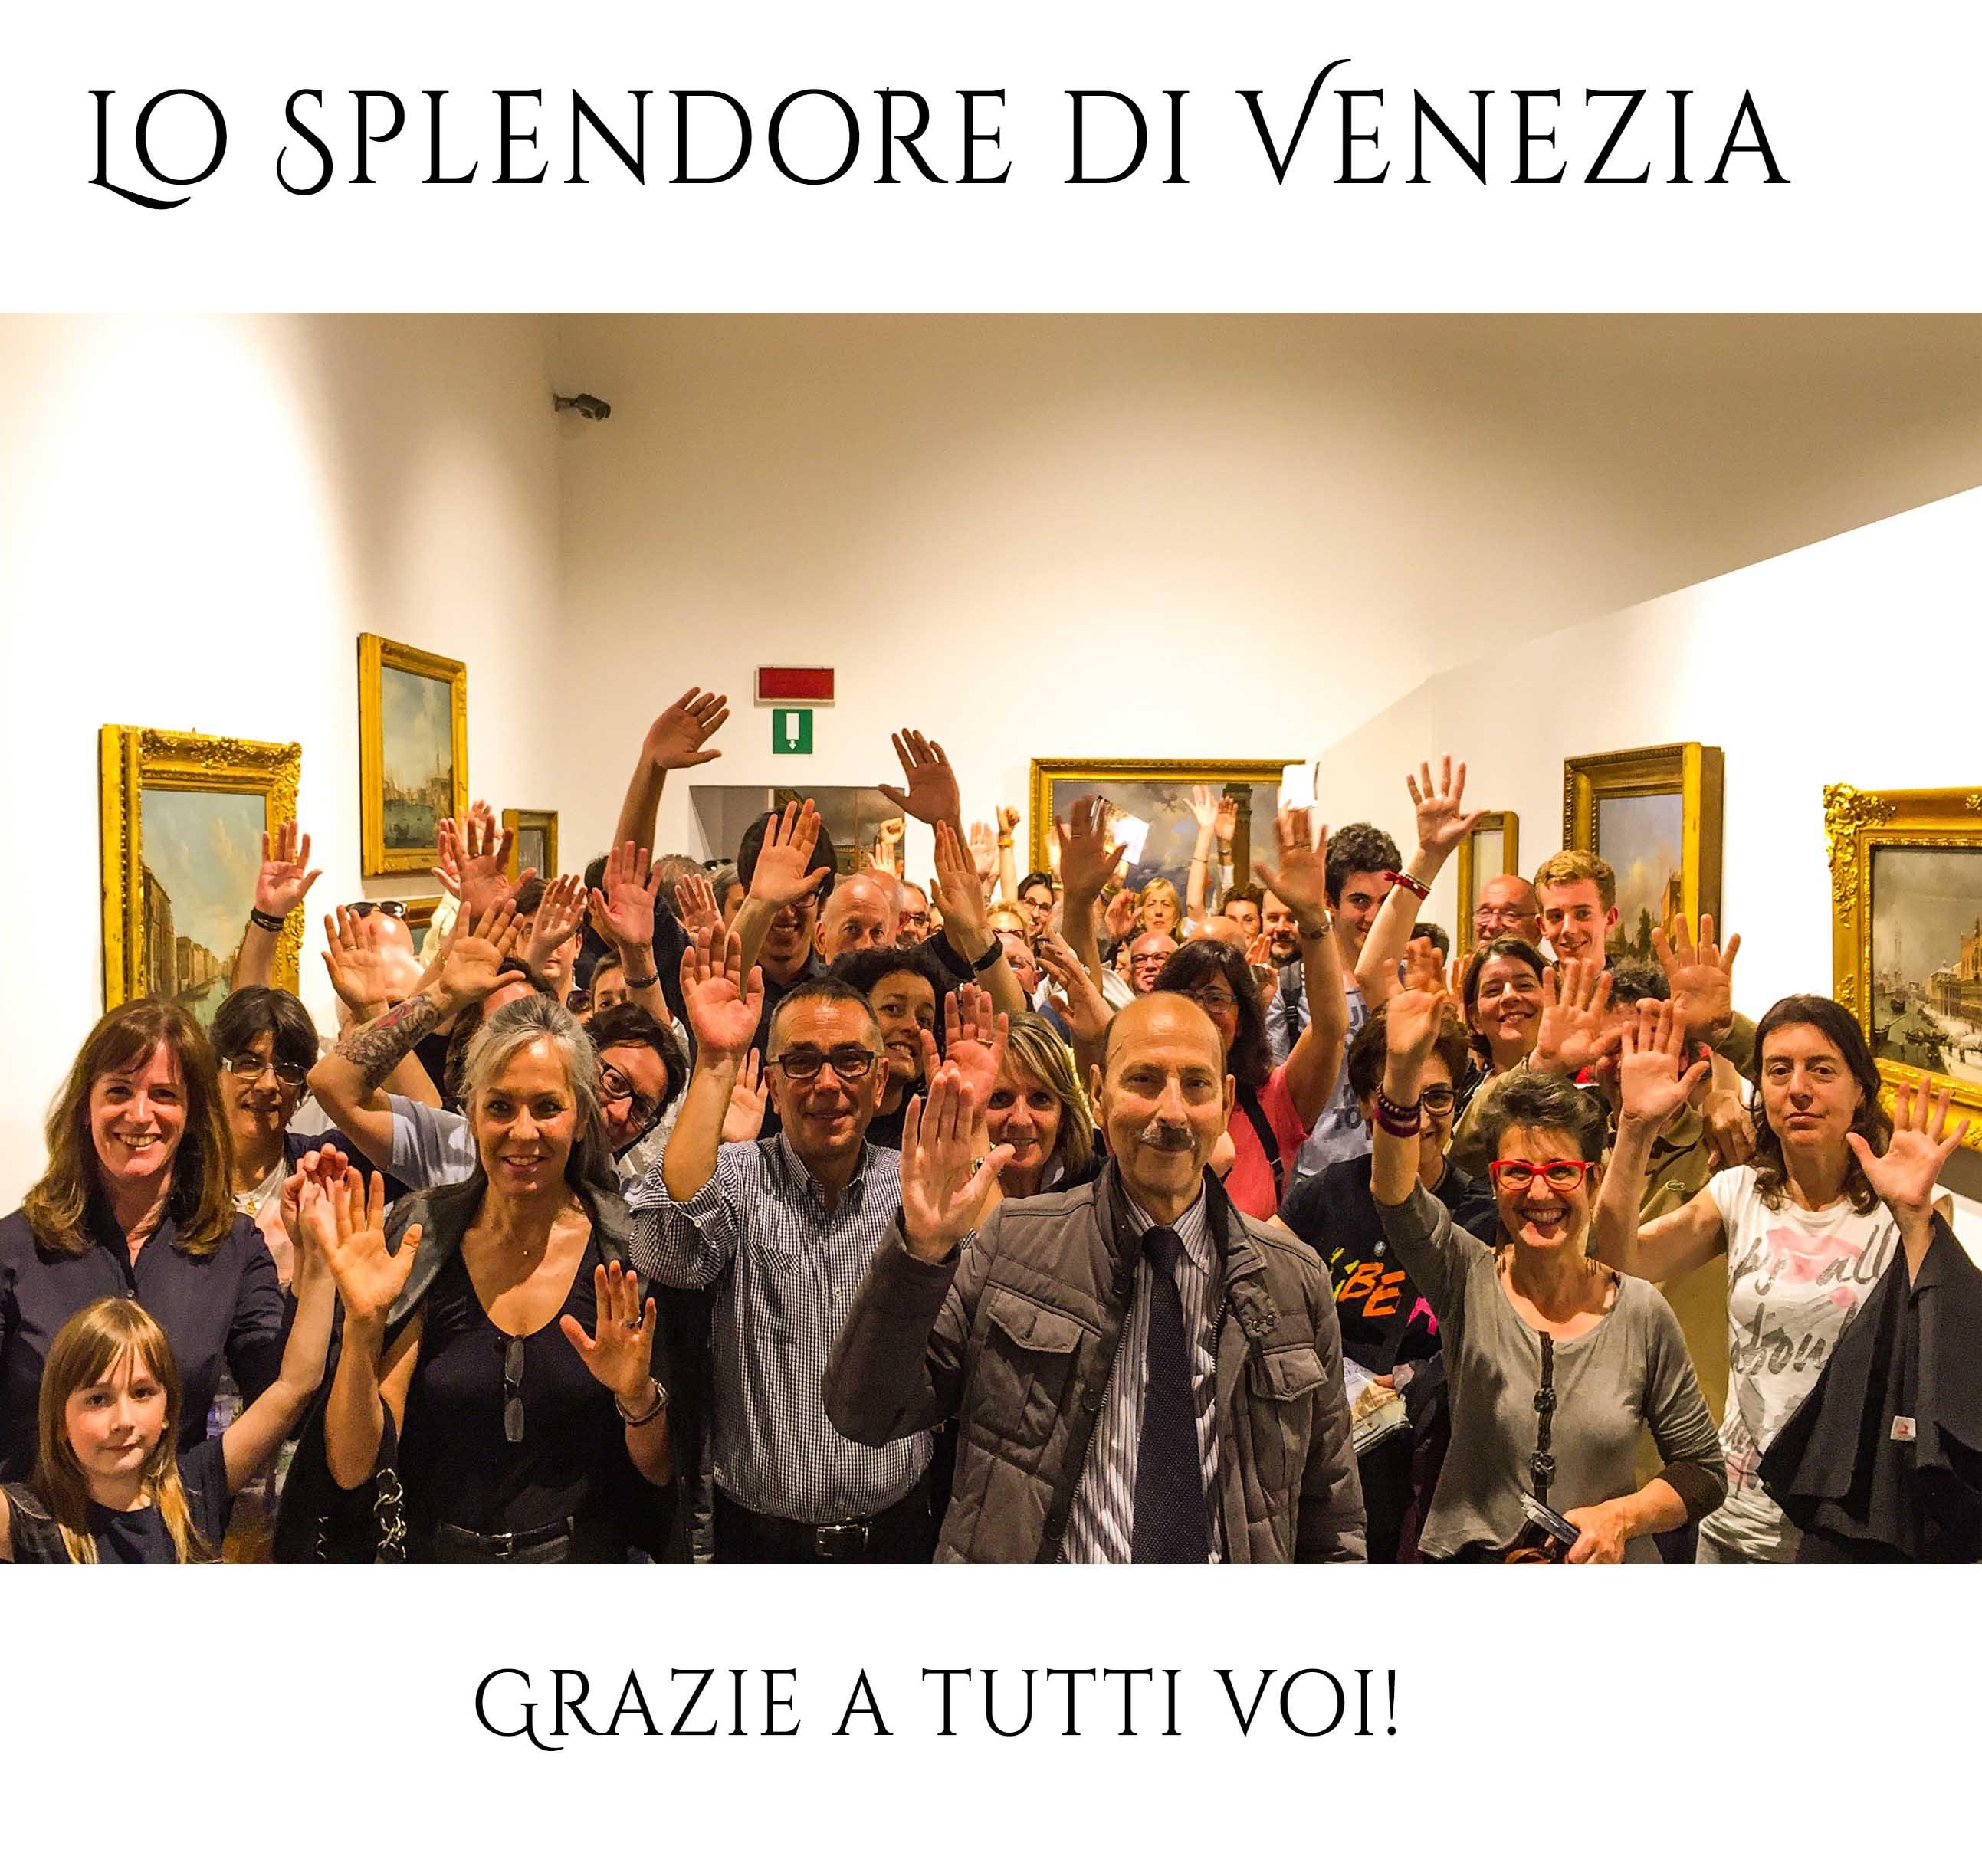 """GRAZIE A TUTTI I 40.717 VISITATORI DELLA MOSTRA """"LO SPLENDORE DI VENEZIA""""!!!"""